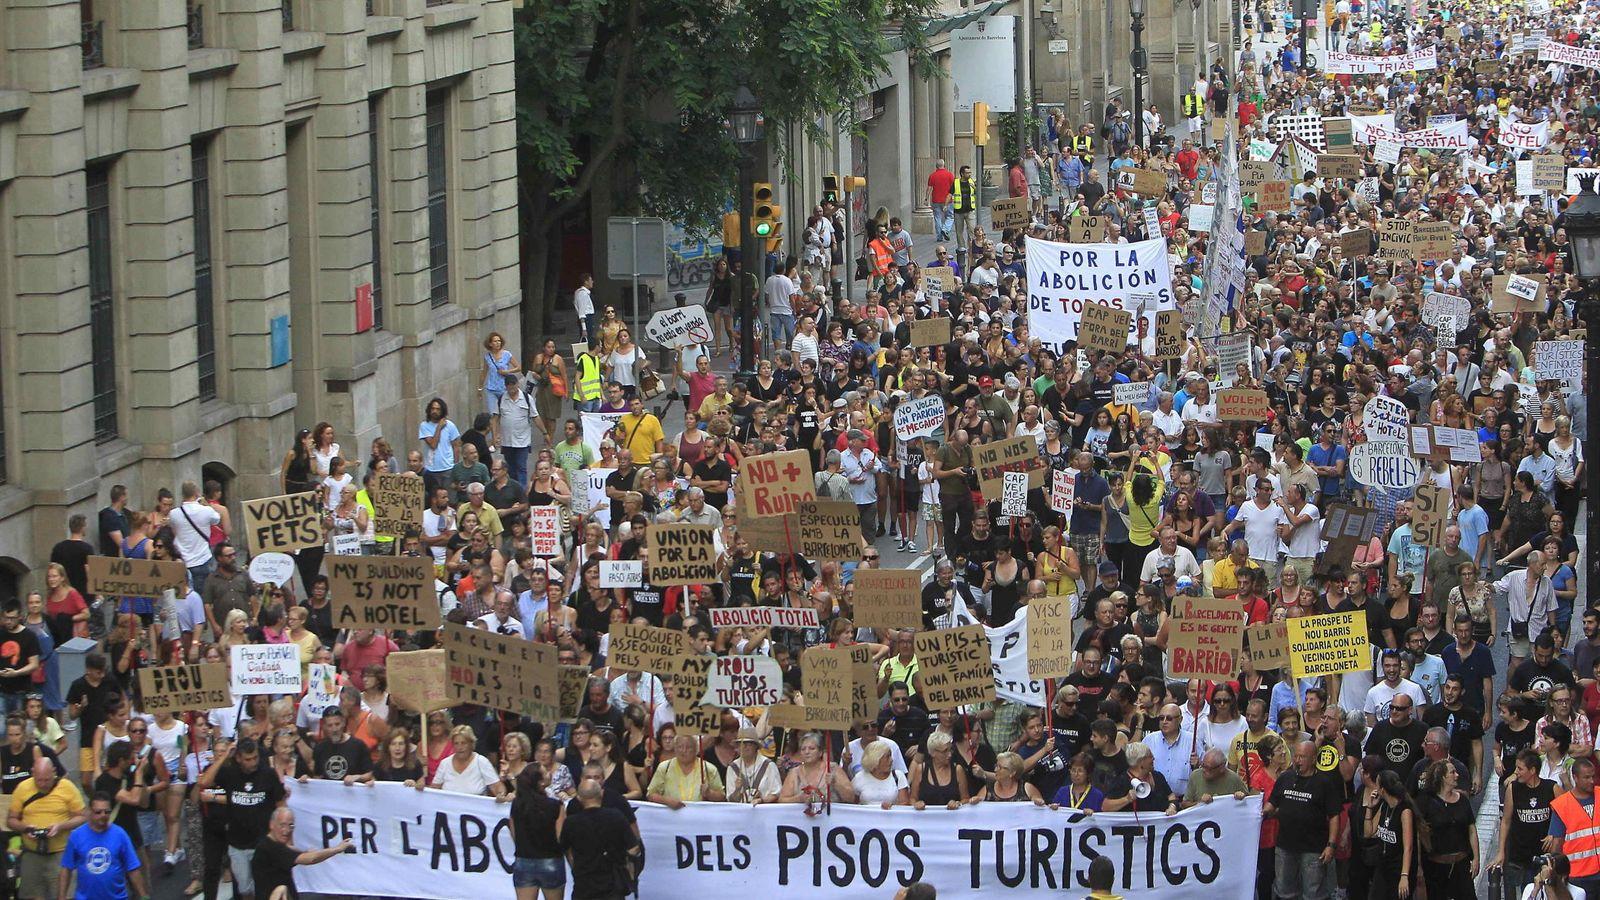 Turismo carmena iniciar en marzo la lucha contra los for Piso turistico madrid